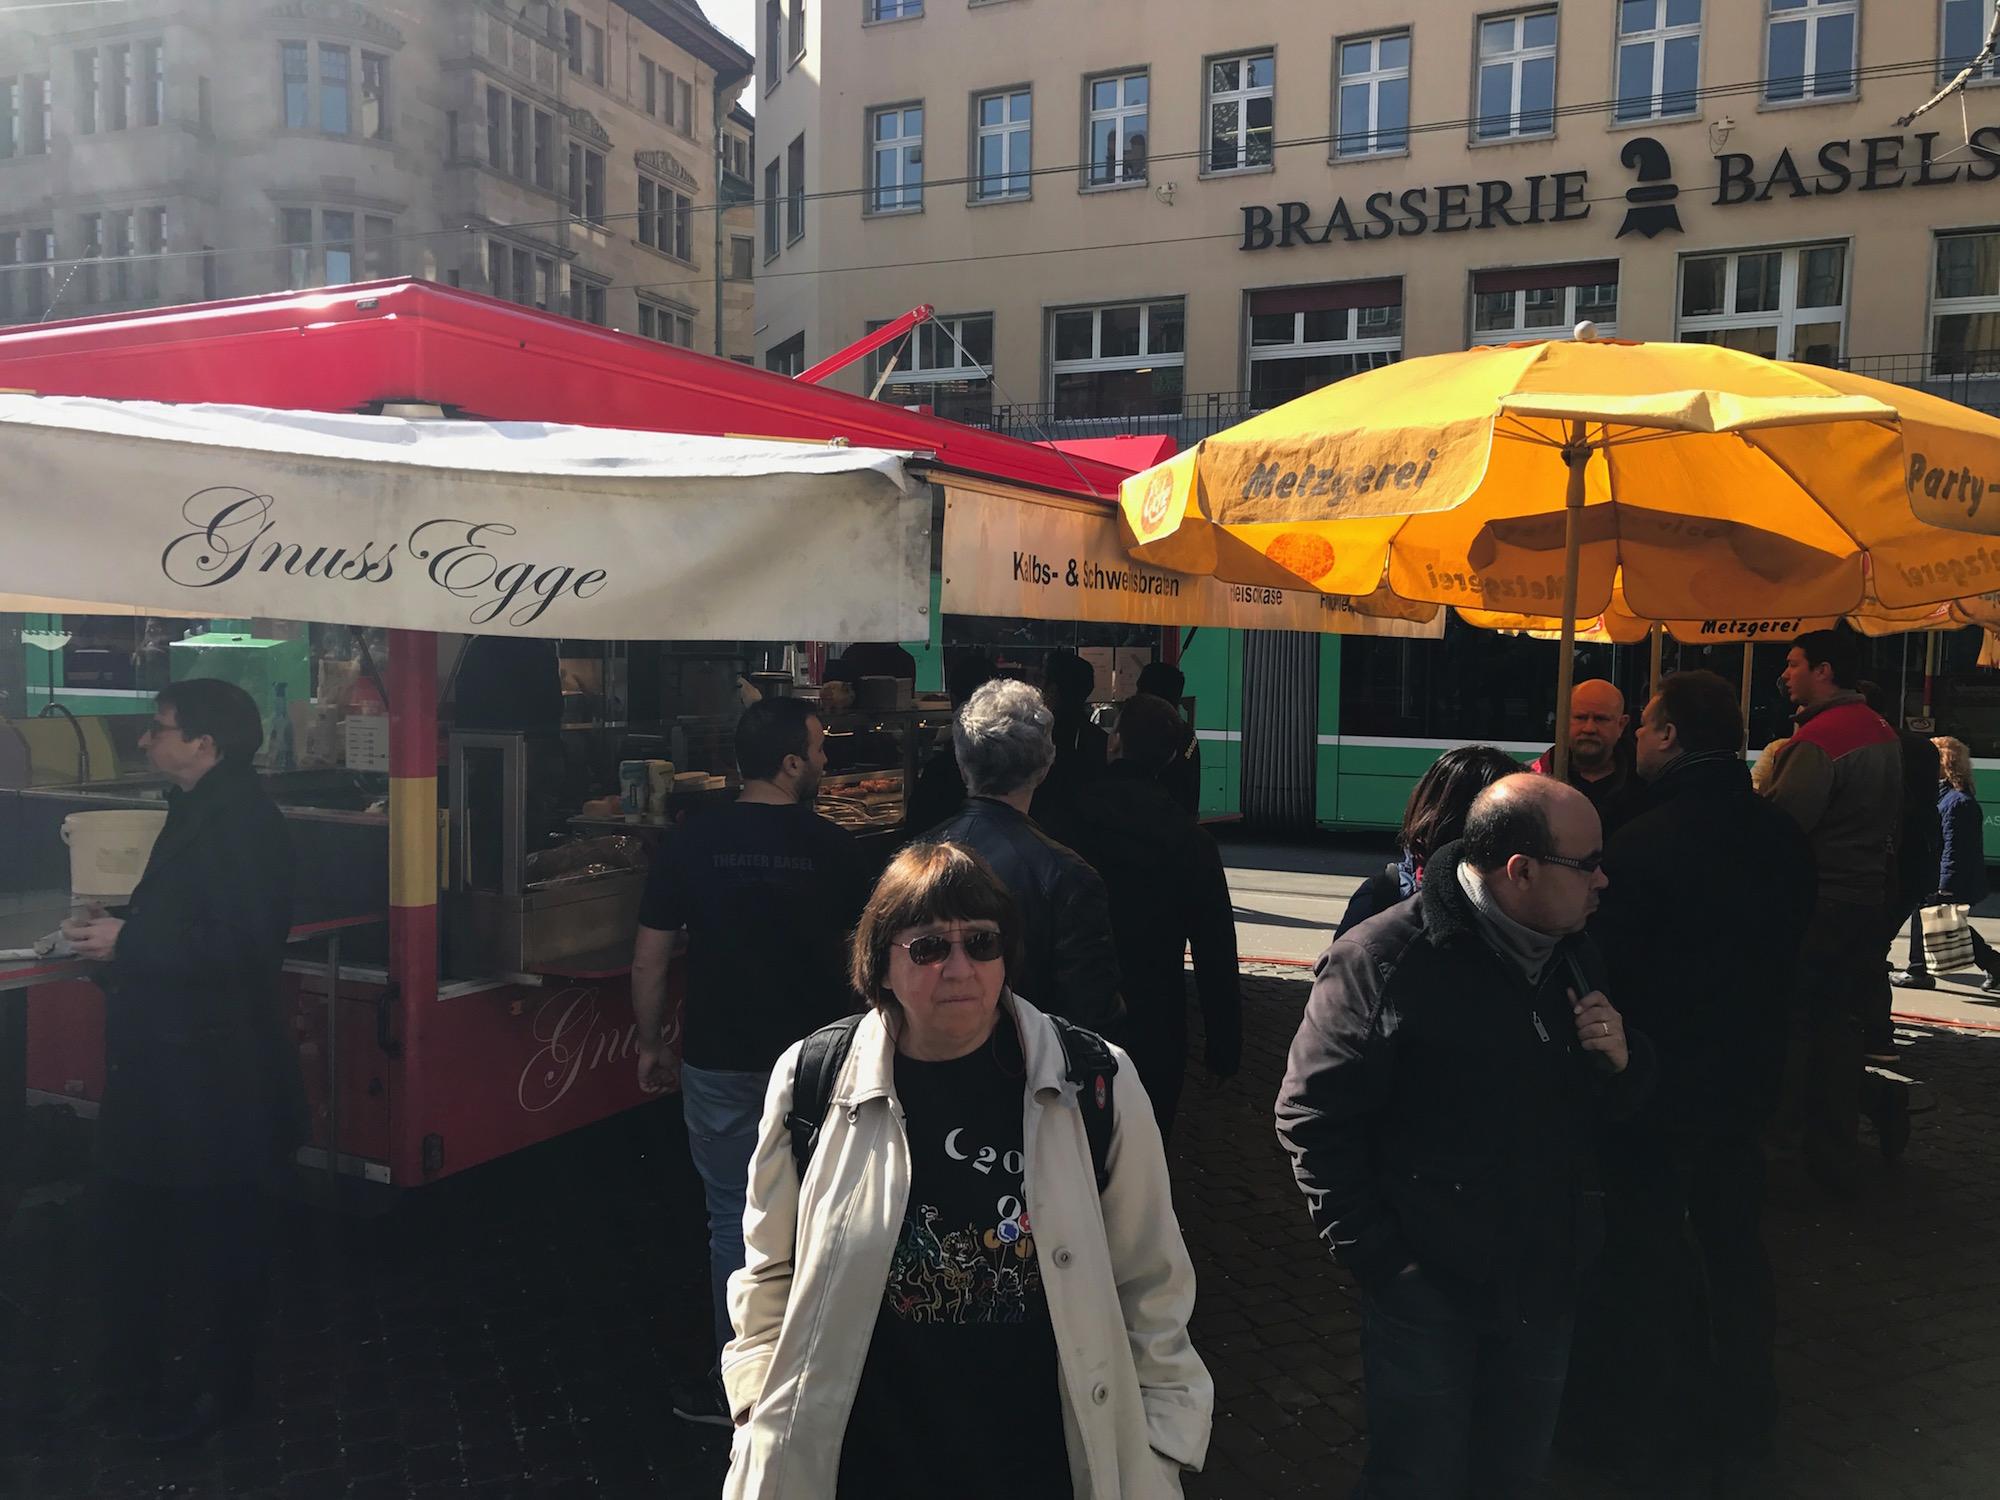 Beim «Eiche»-Stand herrscht nach wie vor ordentlich Betrieb, auch wenn die Auswahl für hungrige Marktplatz-Besucher grösser geworden ist.